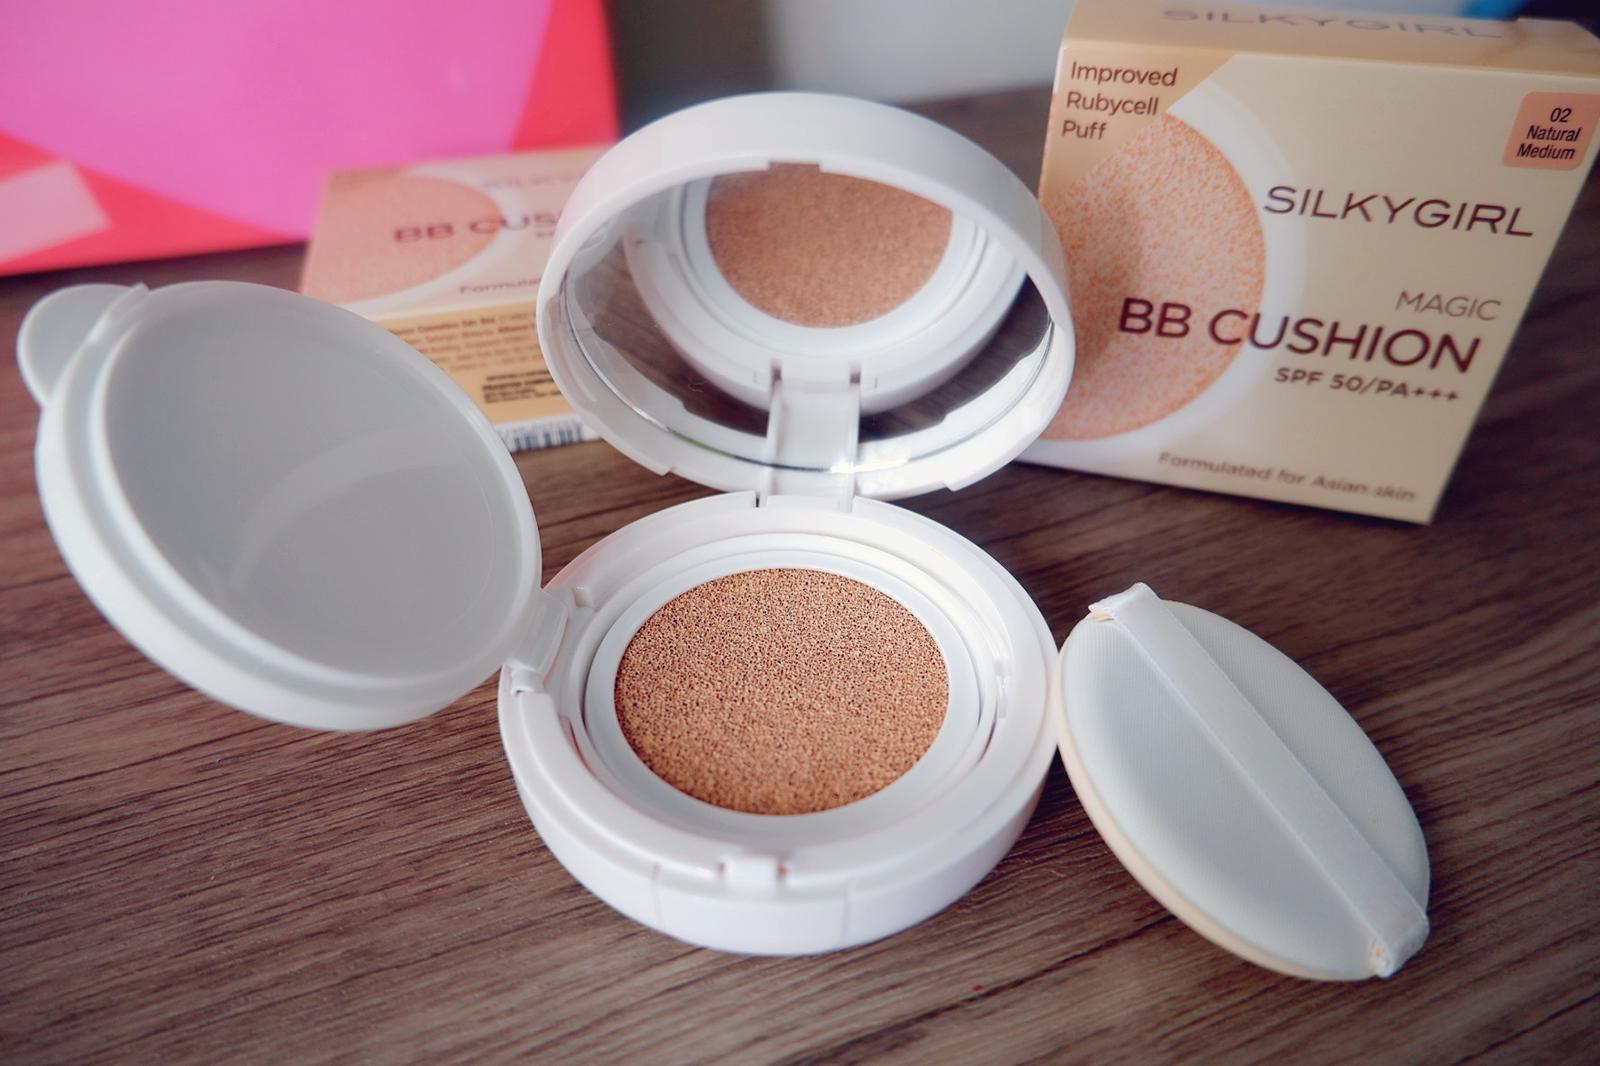 Silkygirl cosmetics